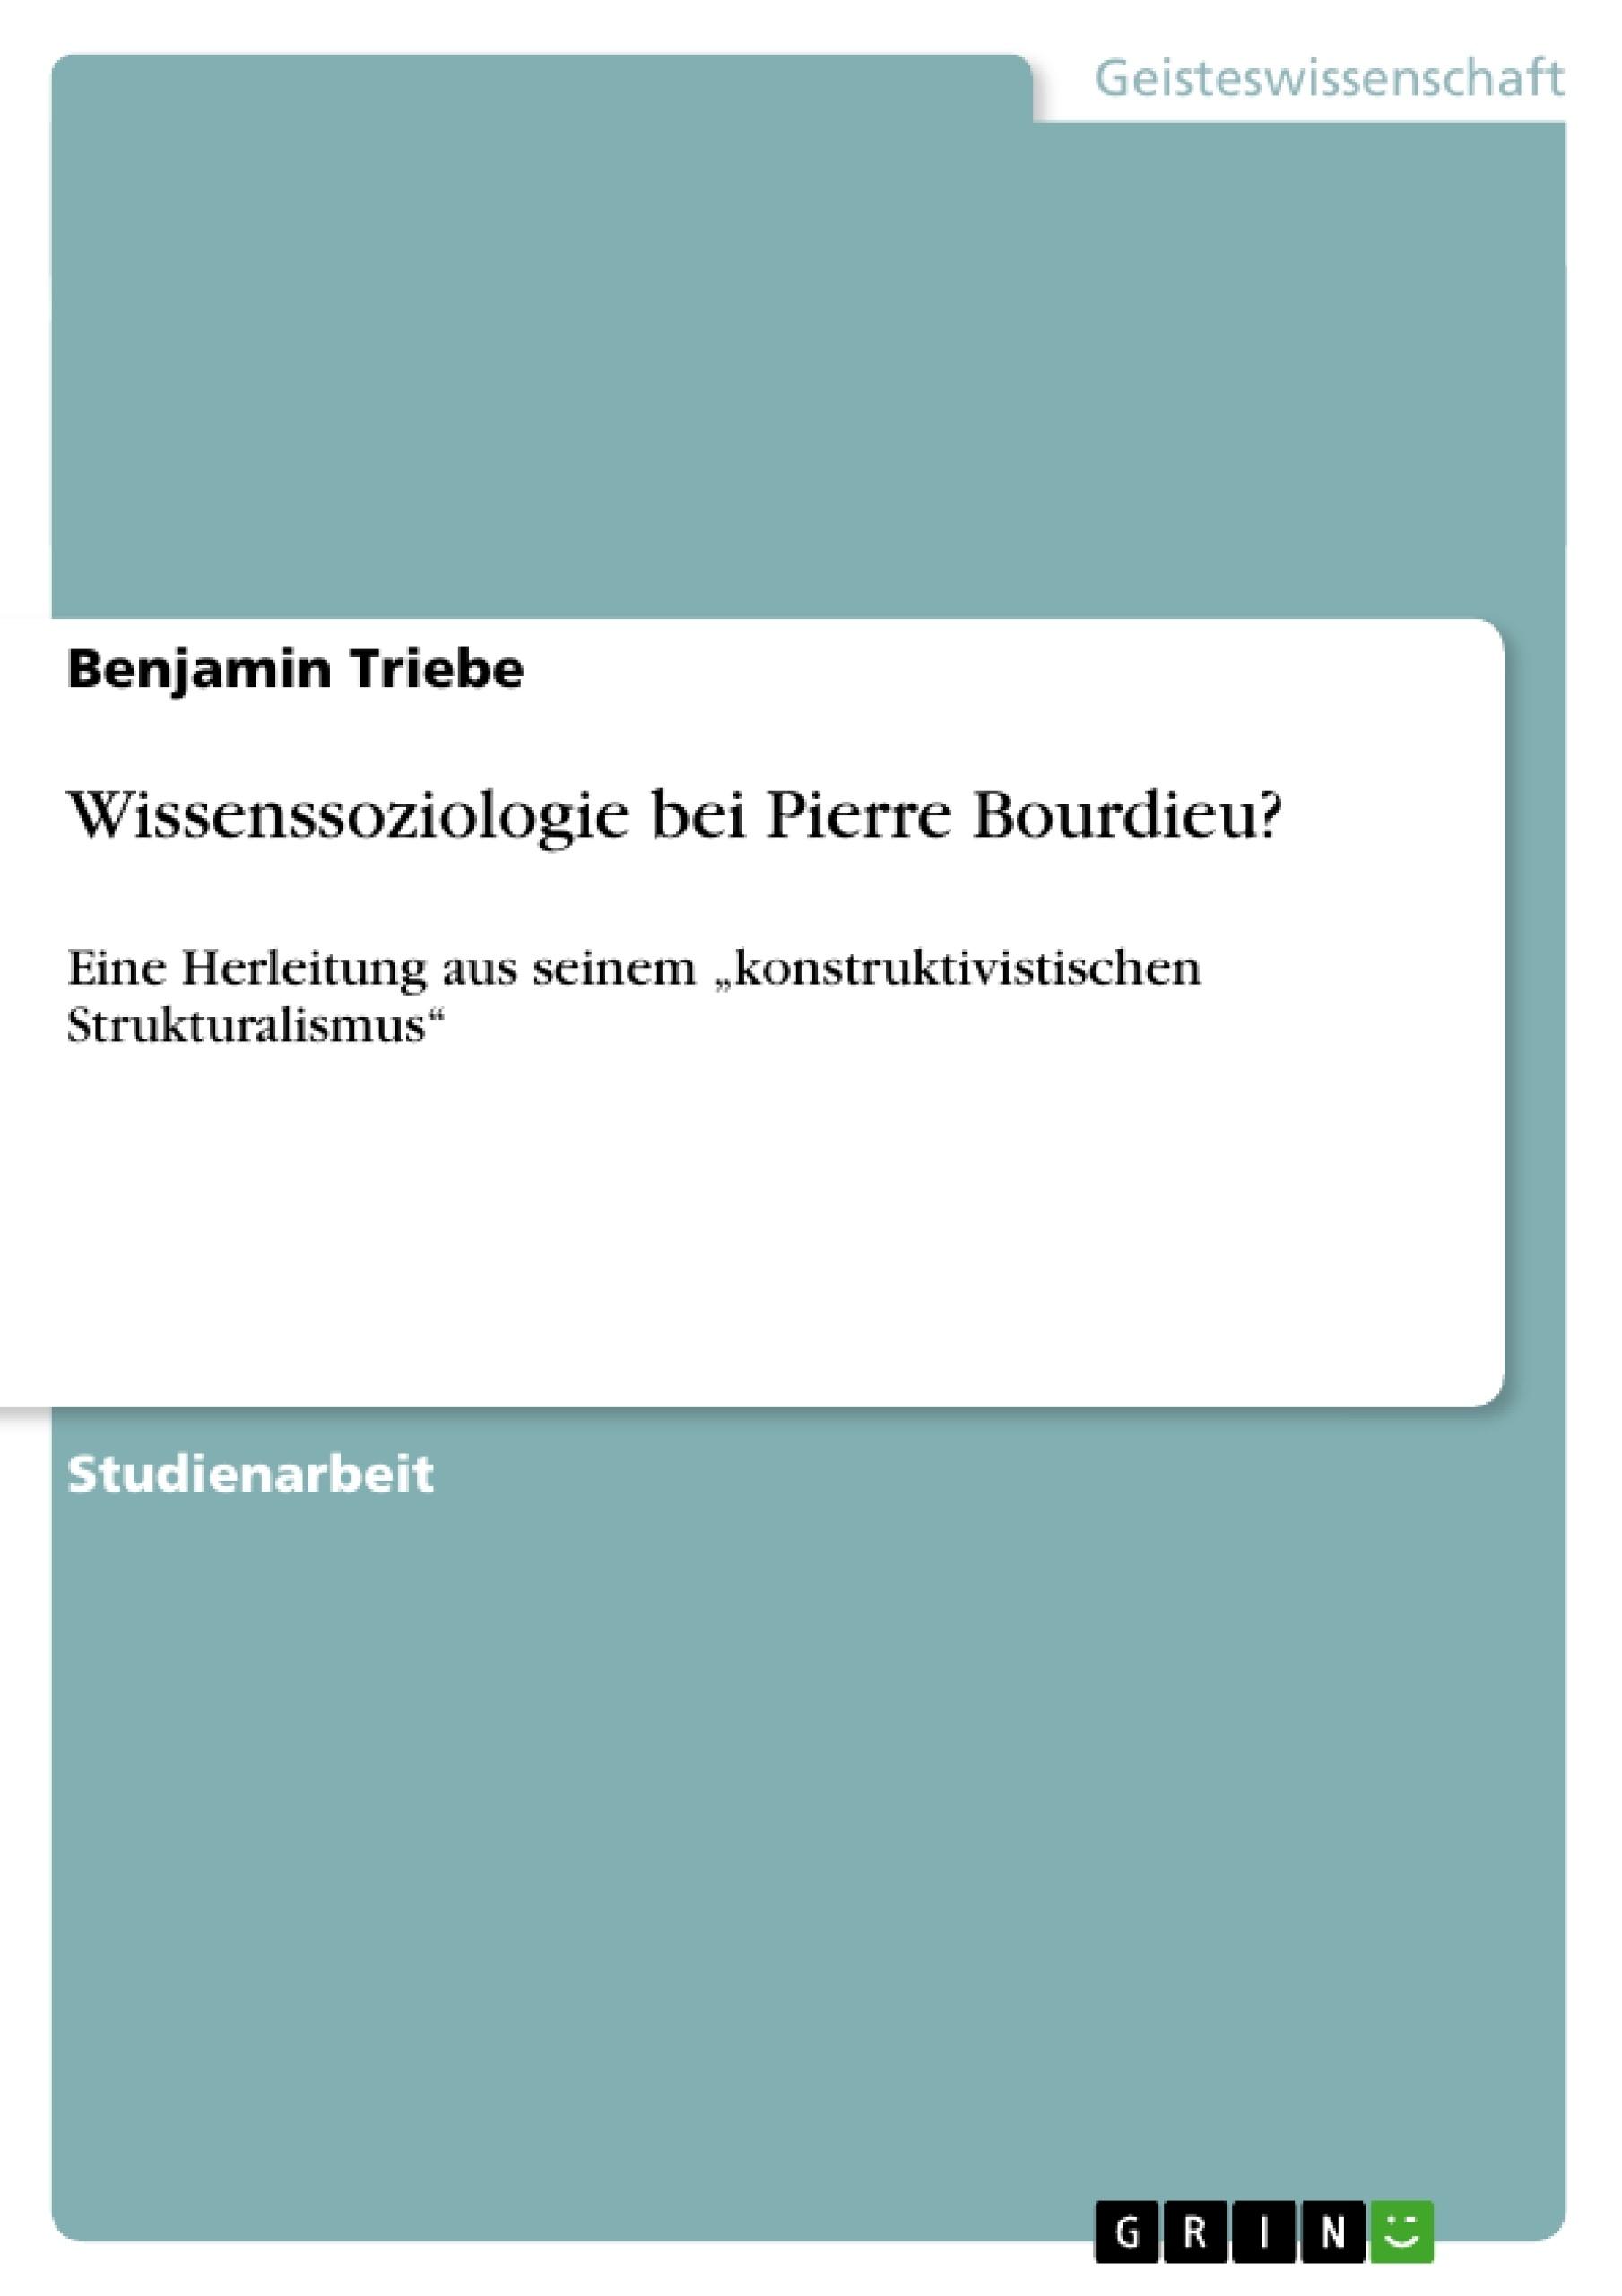 Titel: Wissenssoziologie bei Pierre Bourdieu?